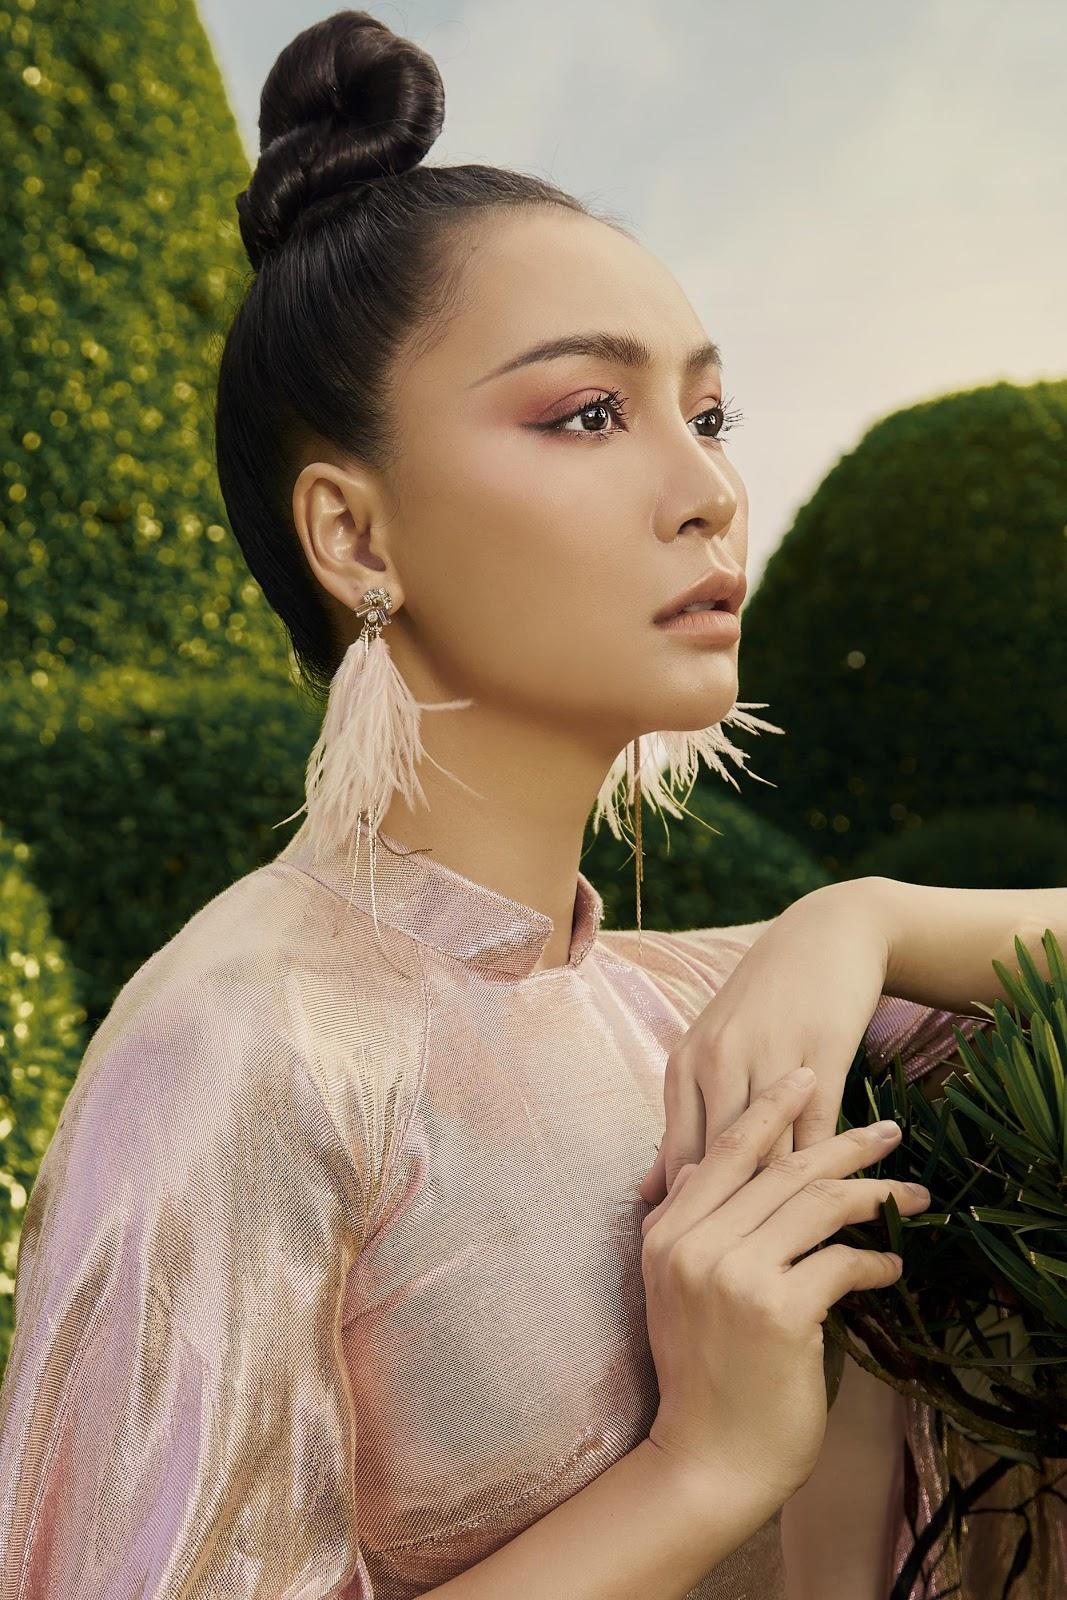 Mỹ Ngọc chấp nhận bị chửi khi tung album làm mới Bolero trong thời kỳ bão hòa - Hình 3